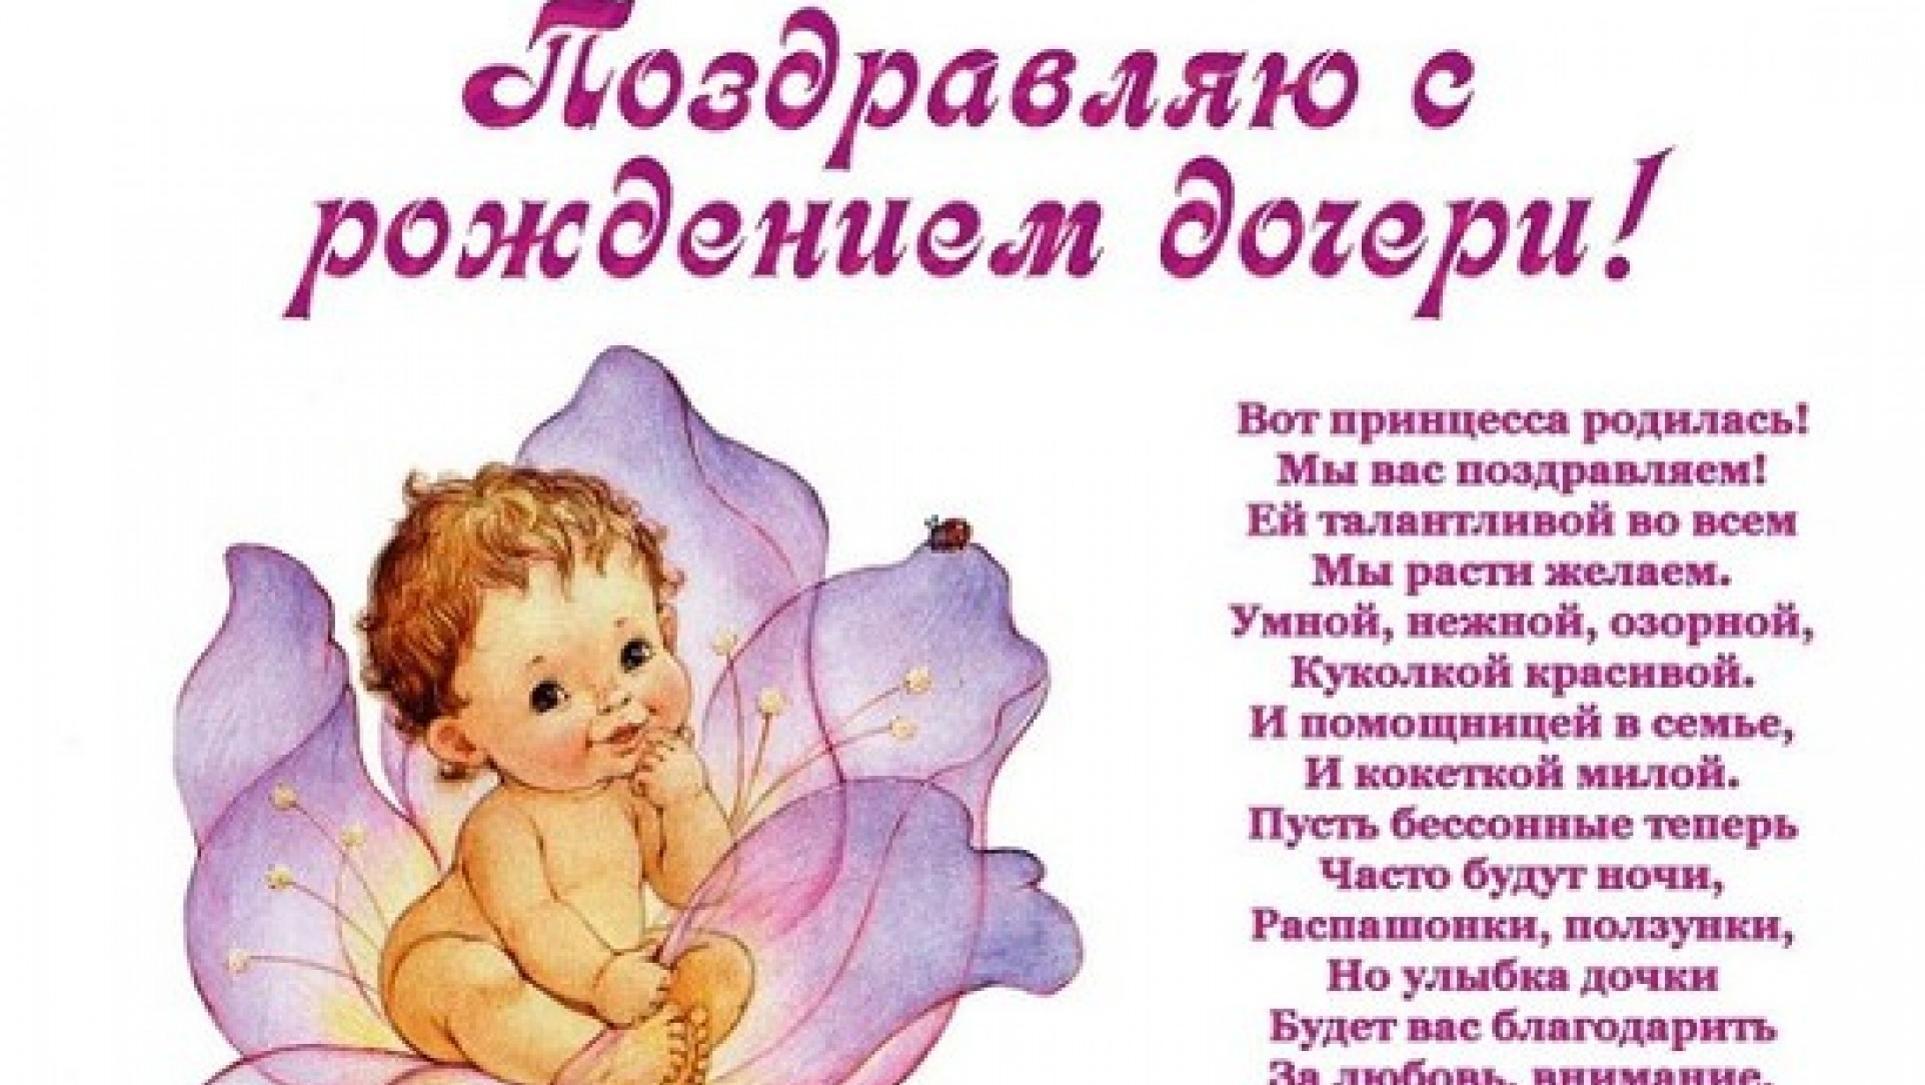 Поздравление дочке 1 год с днём рождения от мамы душевное